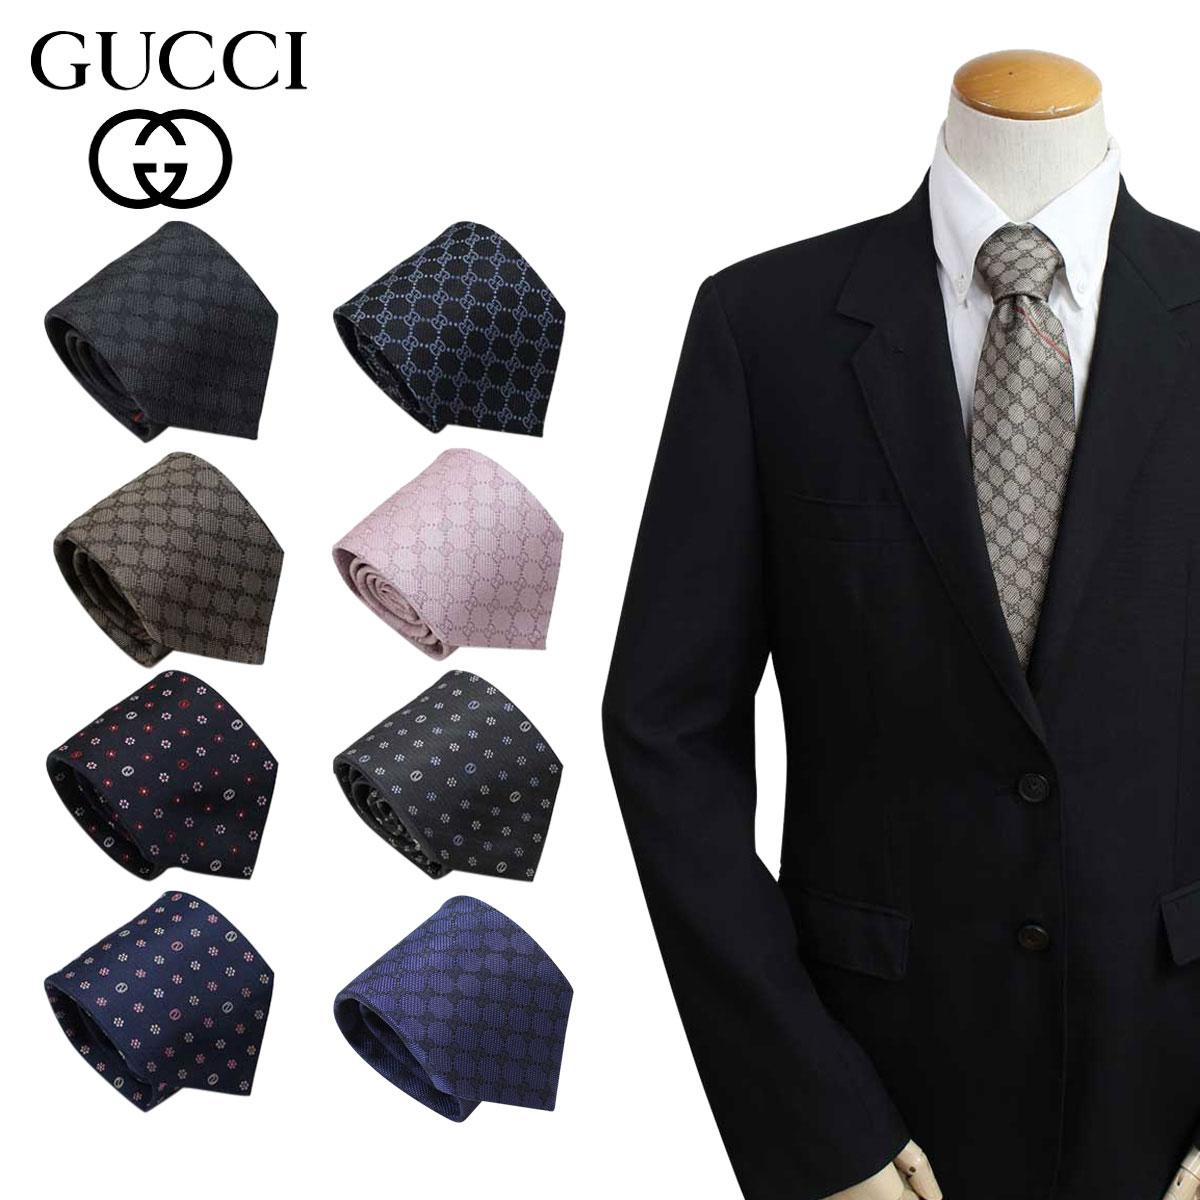 グッチ GUCCI ネクタイ イタリア製 シルク ビジネス 結婚式 TIE メンズ [4/24 追加入荷]